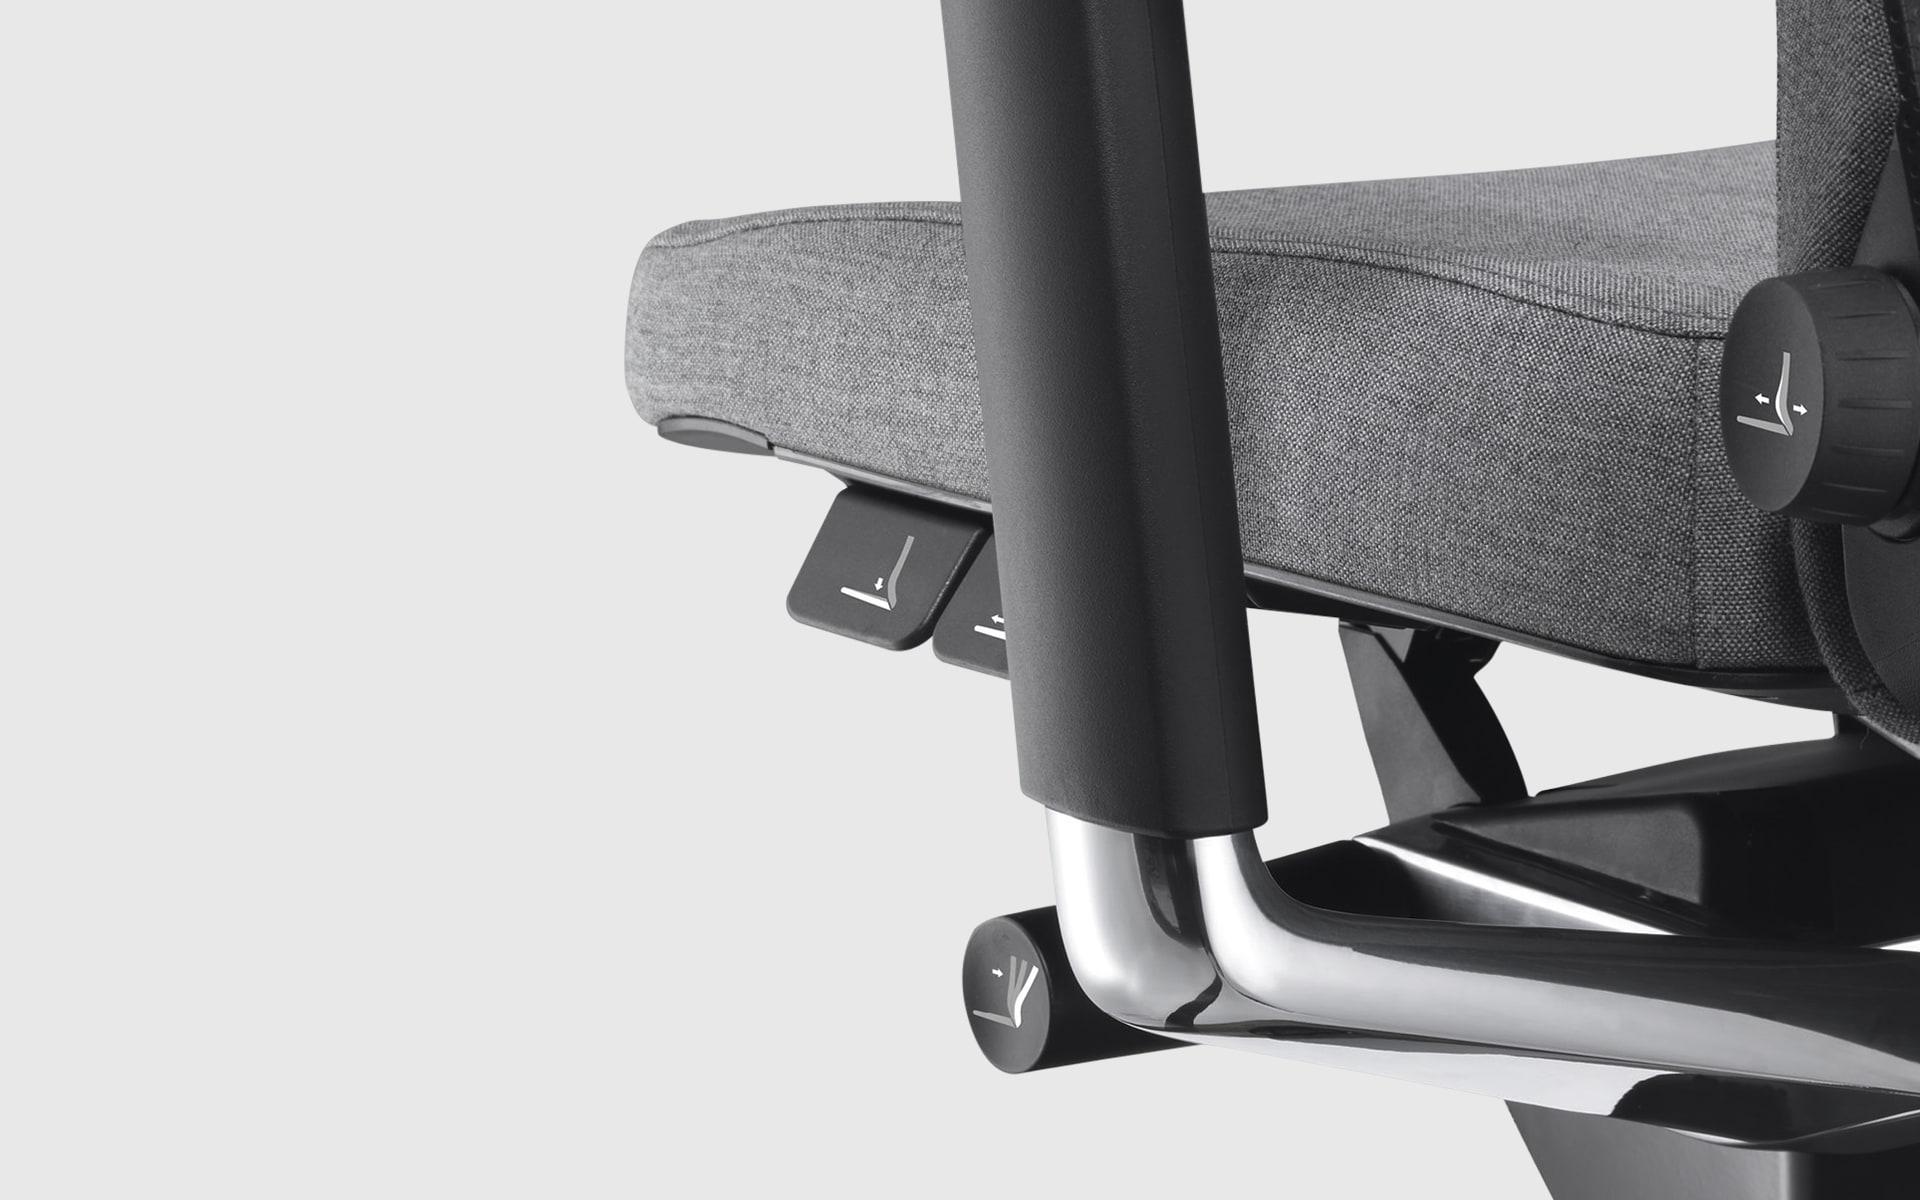 Nahaufnahme der ergonomischen Einstellmöglichkeiten des König + Neurath Lamiga Bürostuhls von ITO Design